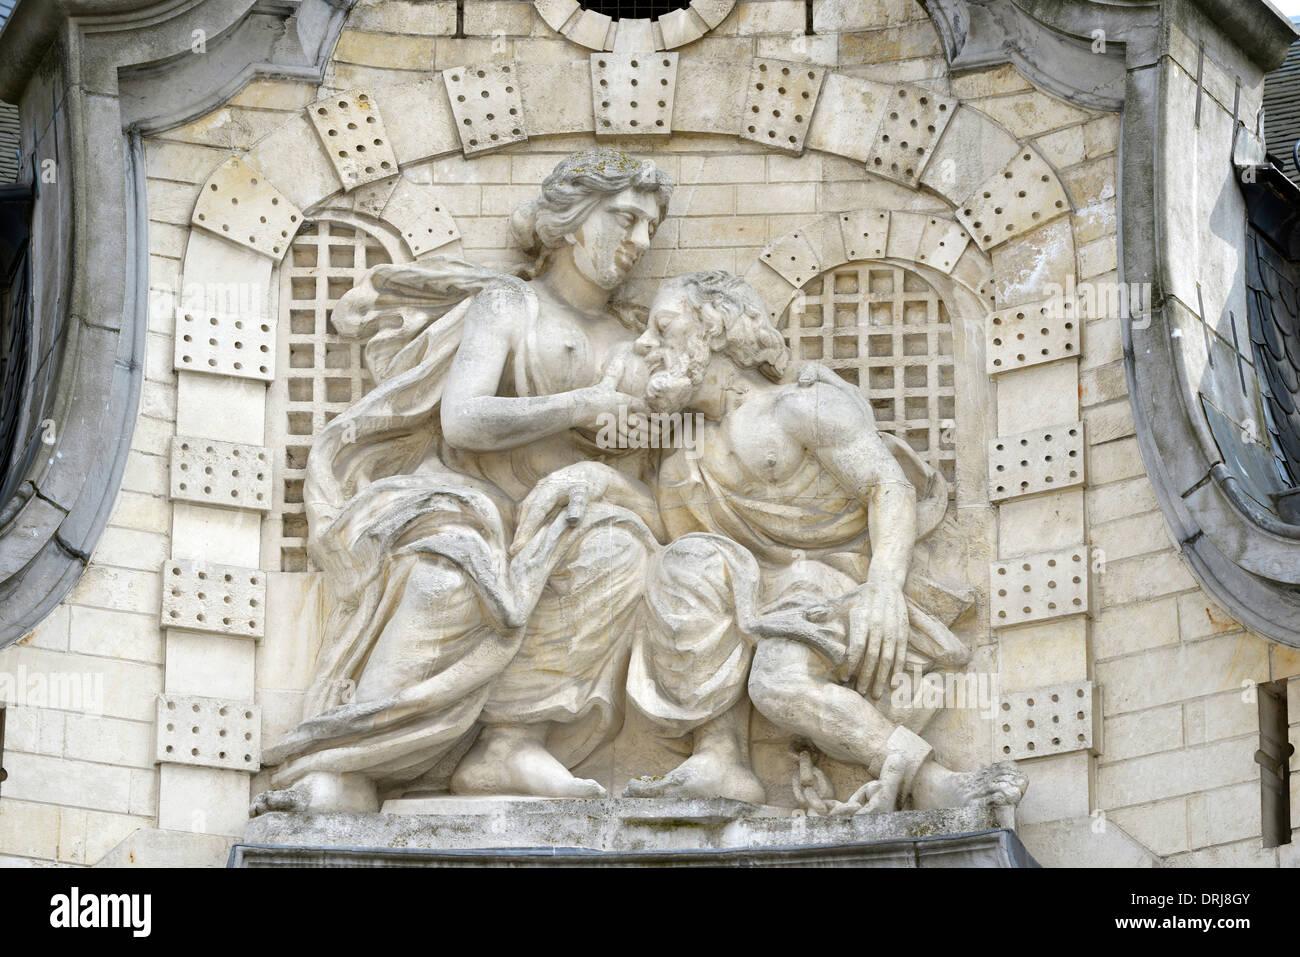 Basrelief der Engel von Gent-gent, Flandern, Belgien, Europa, Basrelief Der Engel von Gent Gent in Flandern, Belgien, Europa Stockbild